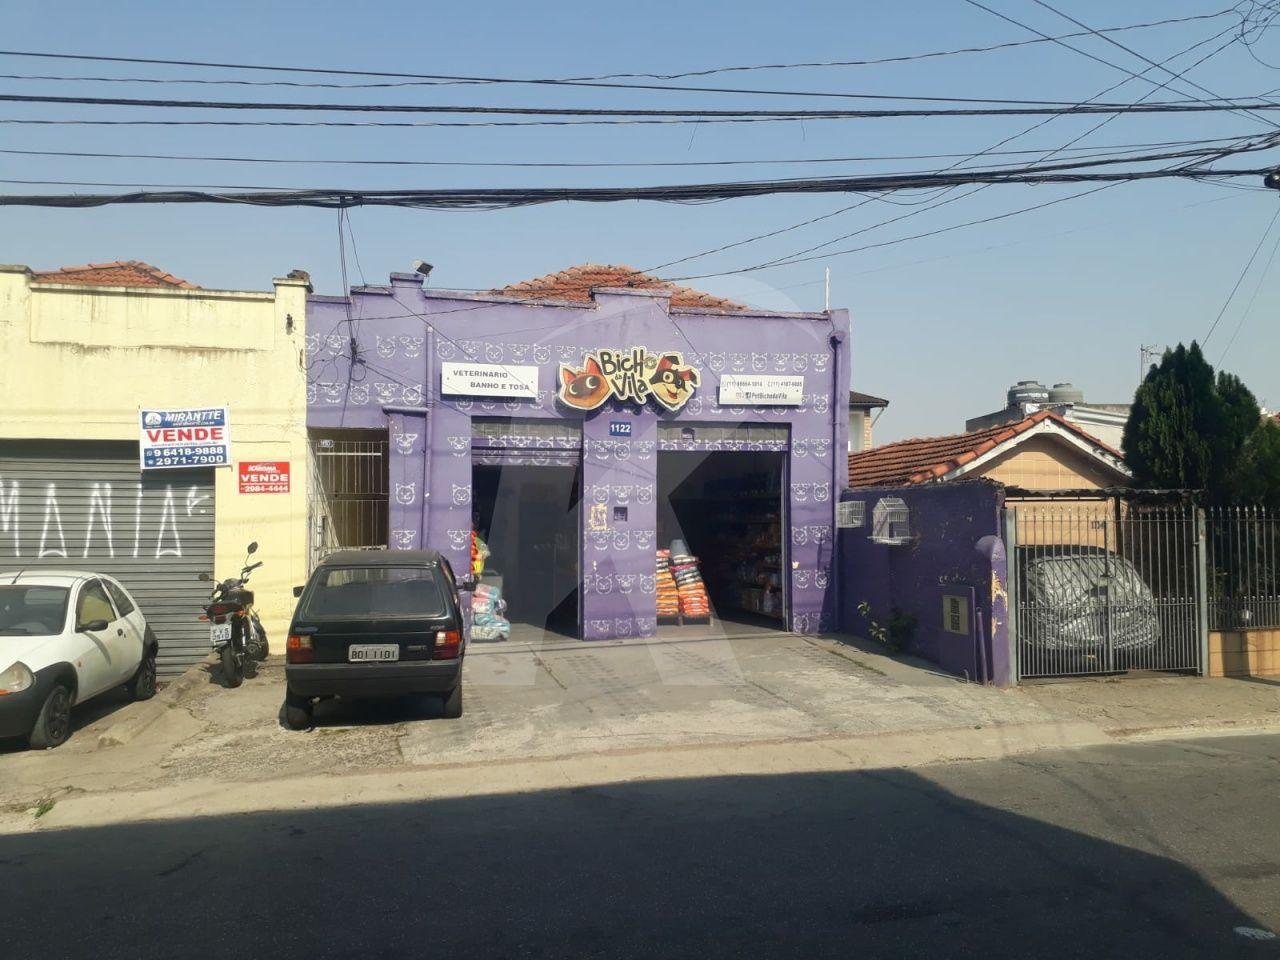 Comprar - Terreno - Vila Nivi - 0 dormitórios.